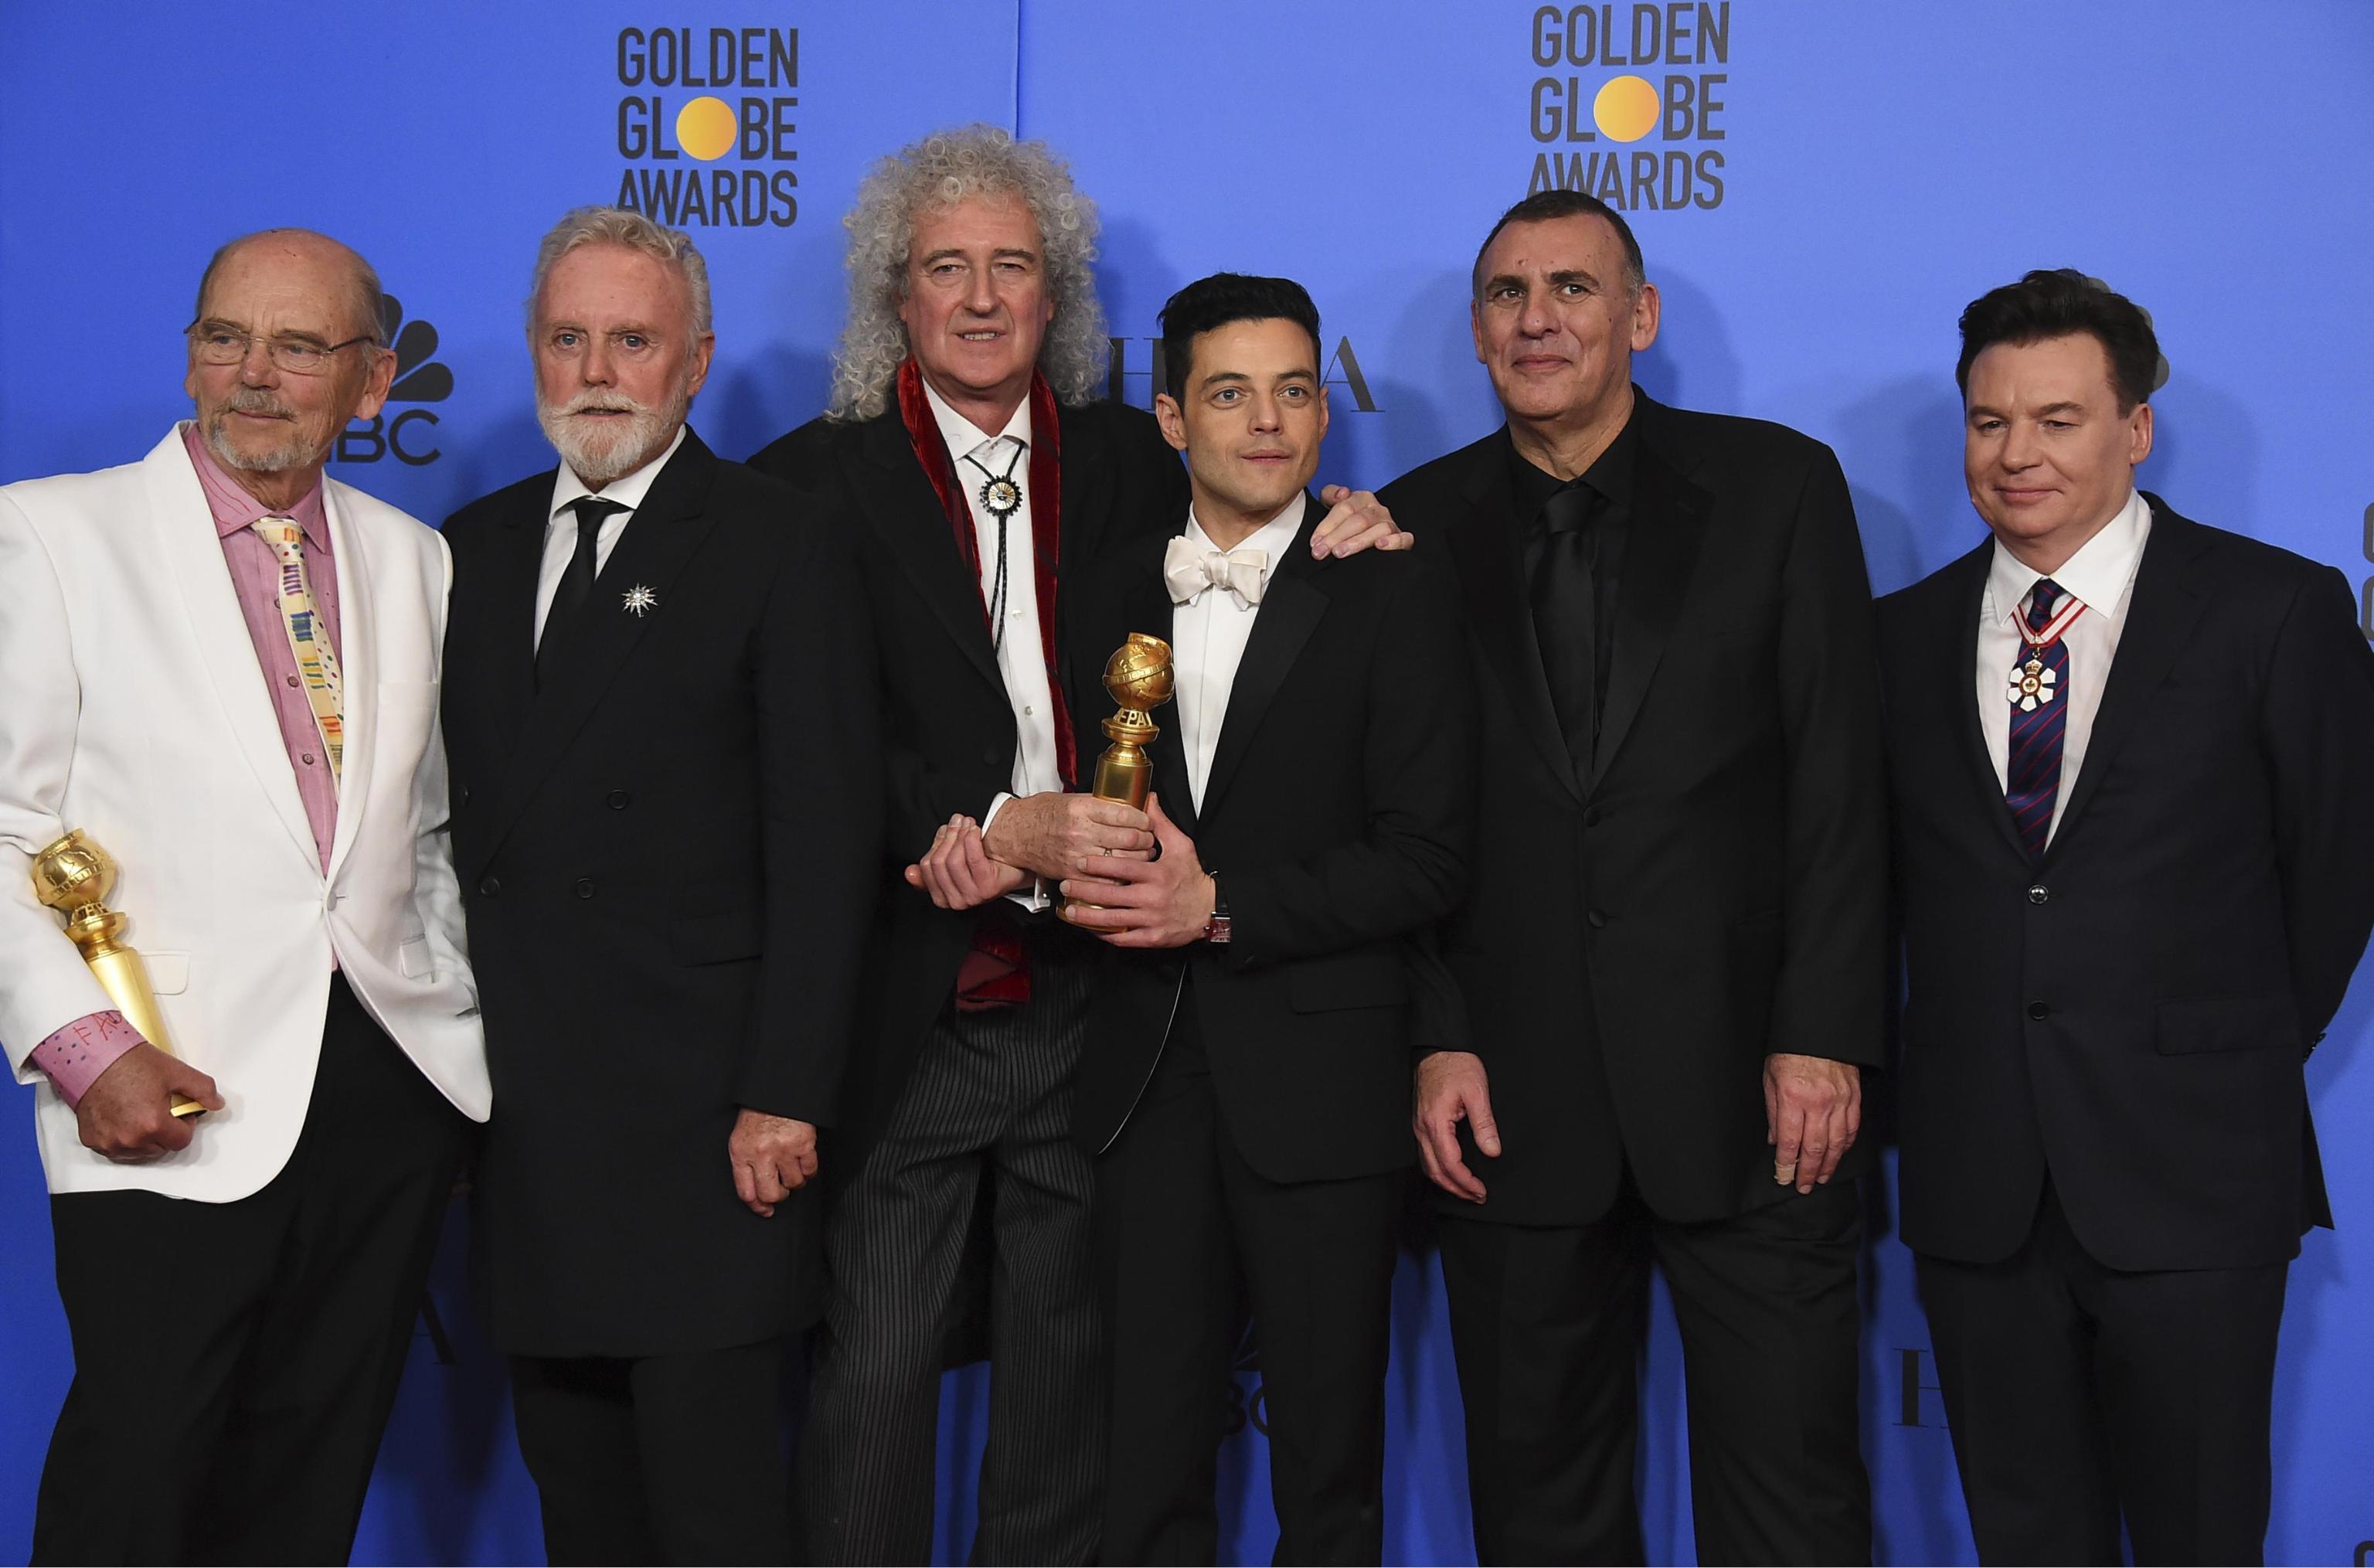 Bohemian Rhapsody è stato premiato come miglior film drammatico